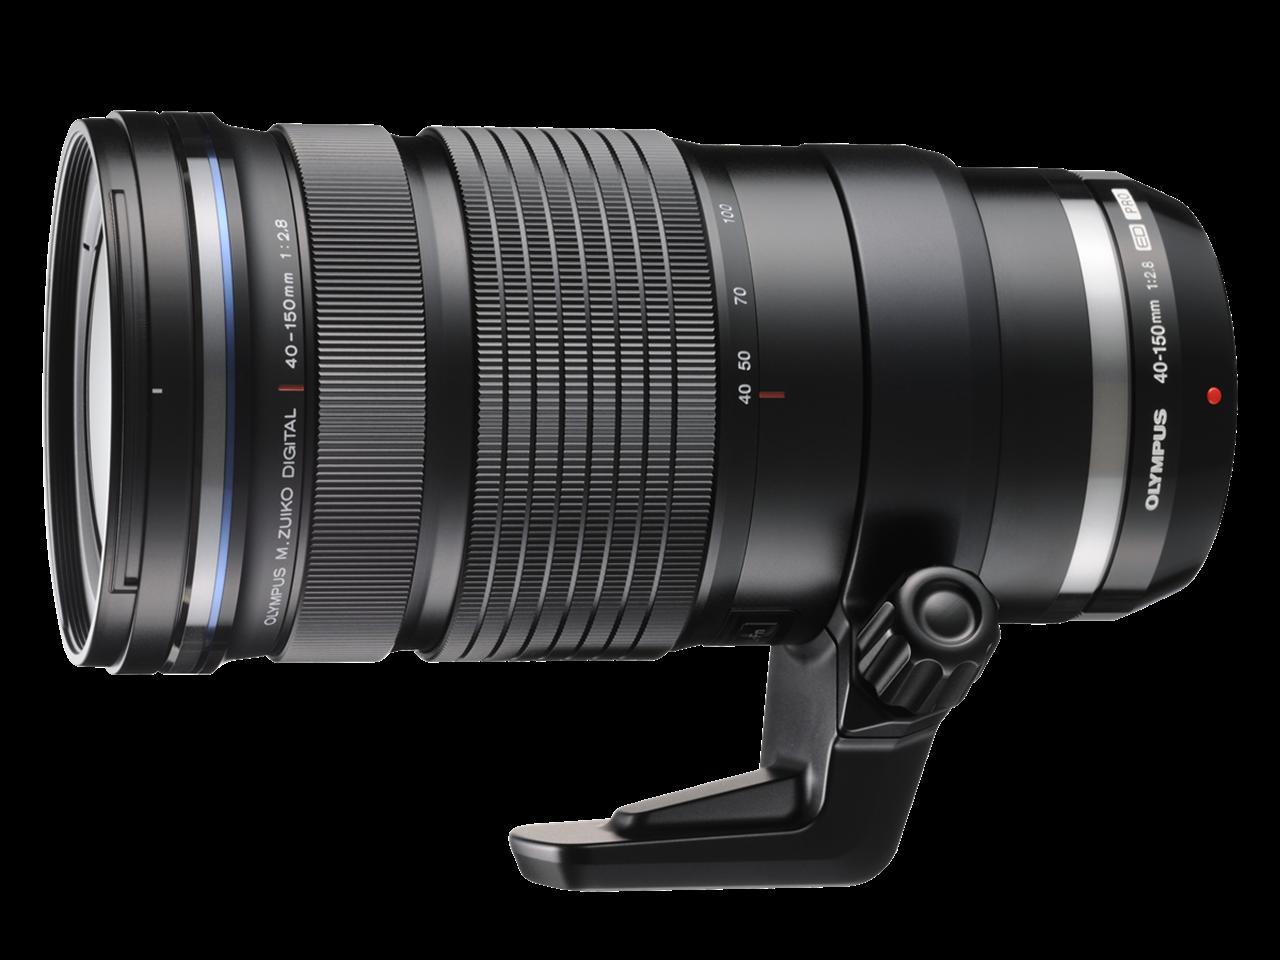 Objektiv Mzuiko Digital 28 40 150 Mm Pro Schwarz Bulk Olympus Om D E M10 Mark Ii Kit 150mm Objektive Speth Foto Video Gmbh